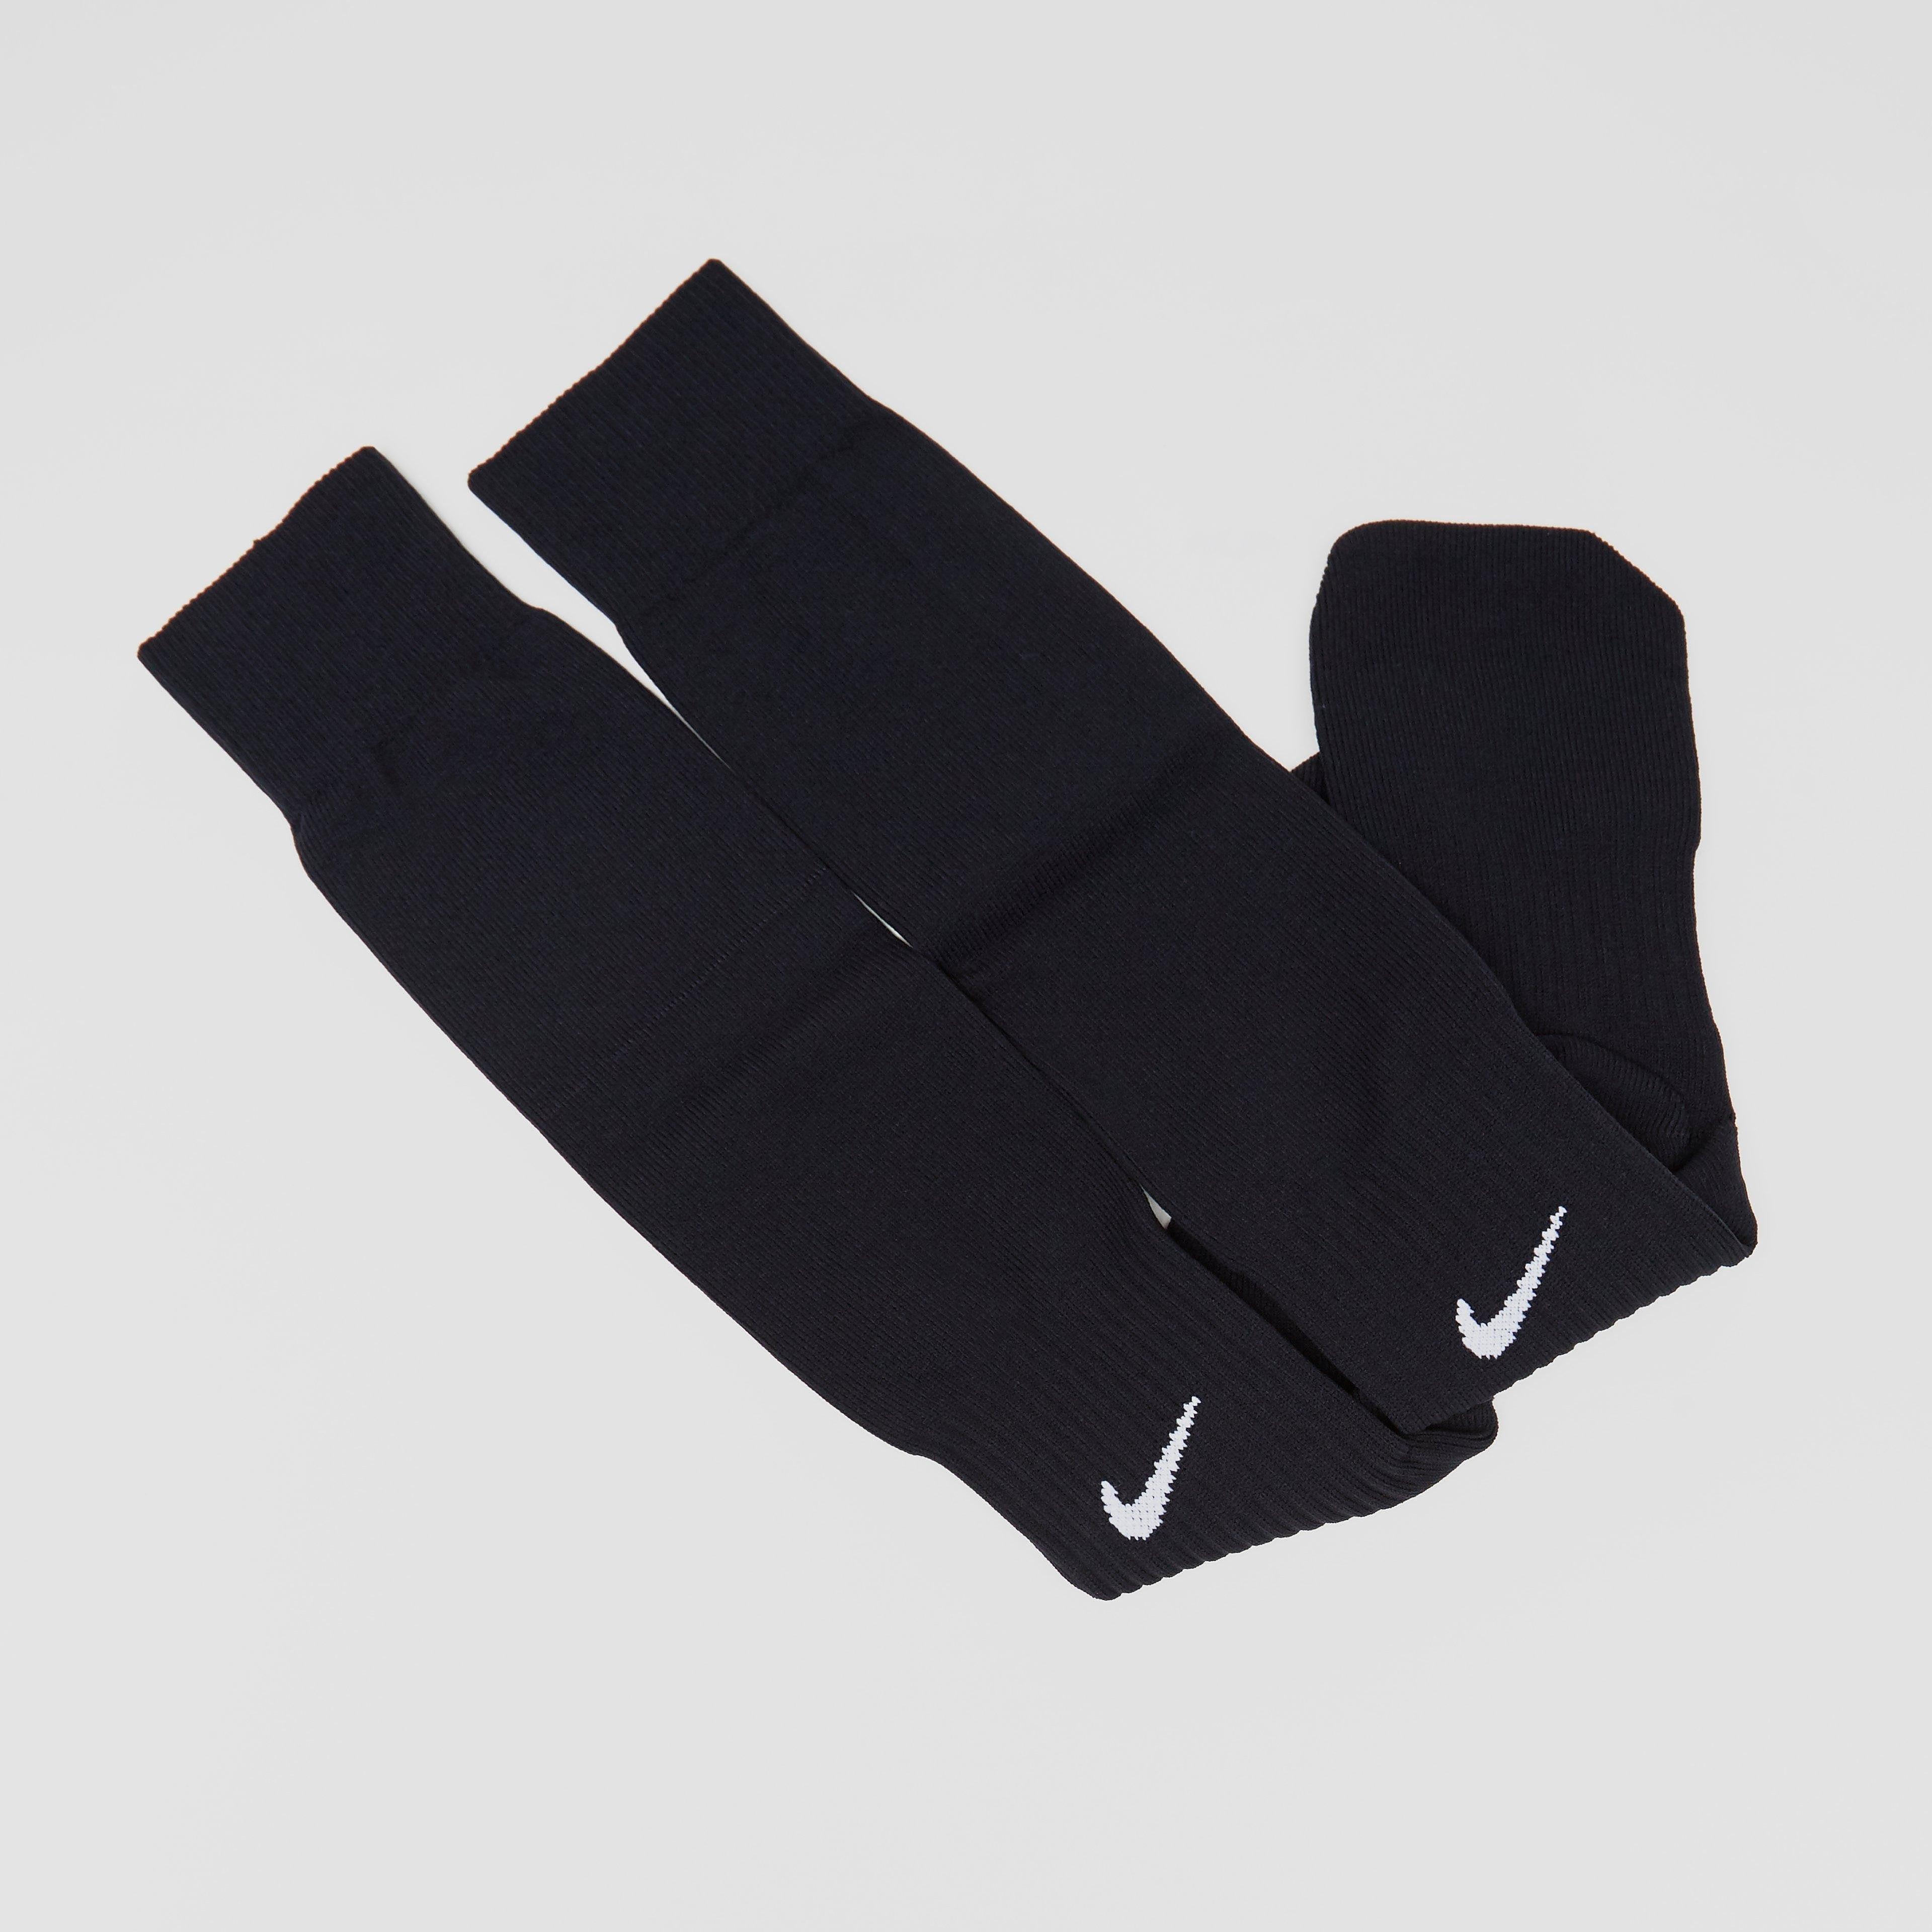 Nike CLASSIC DRI - FIT VOETBALSOKKEN online kopen